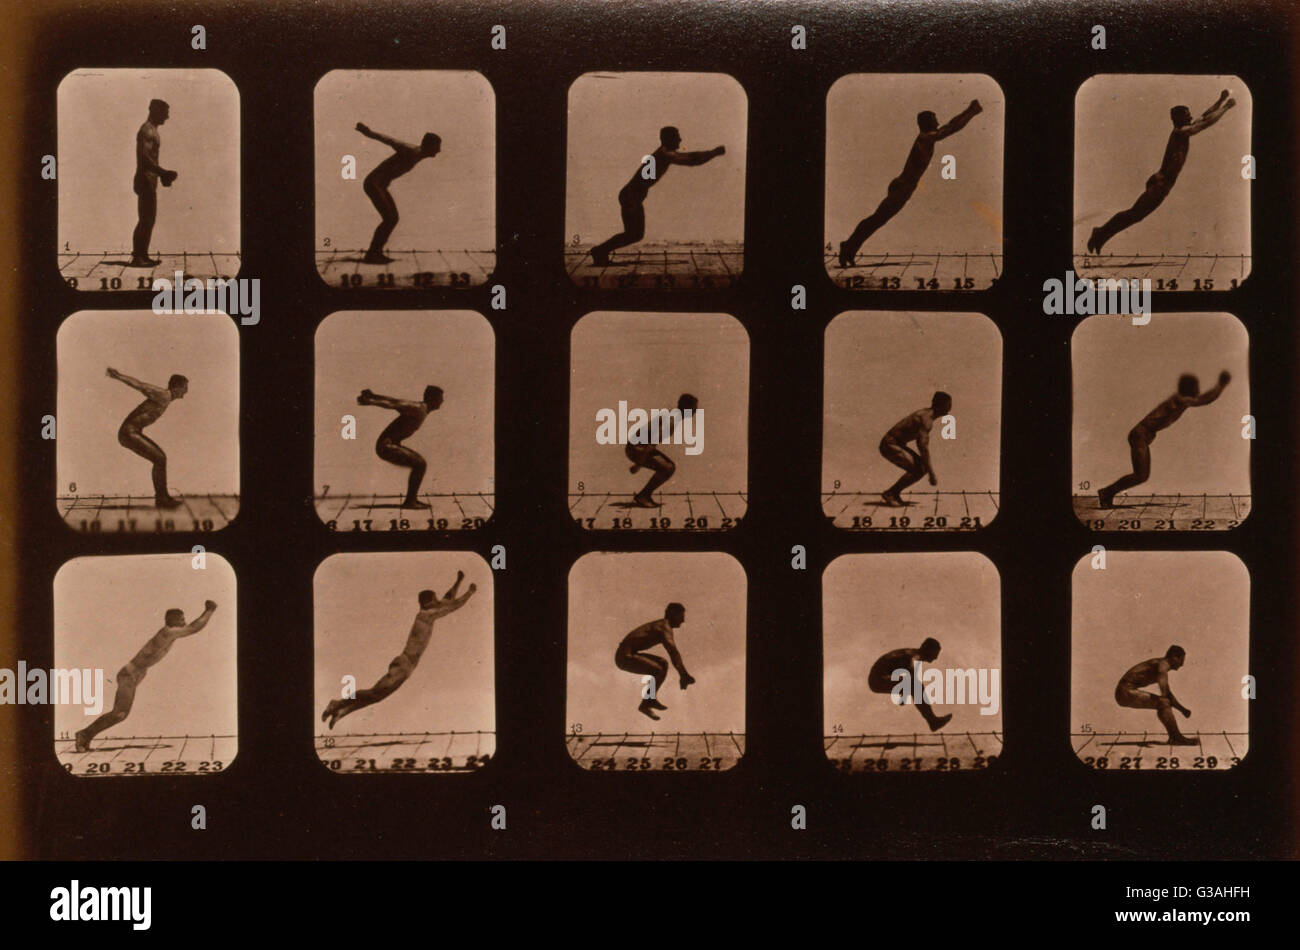 Los atletas. Saltos de pie. Fotografía muestra 15 imágenes consecutivas de un hombre saltando. Fecha c1881. Imagen De Stock